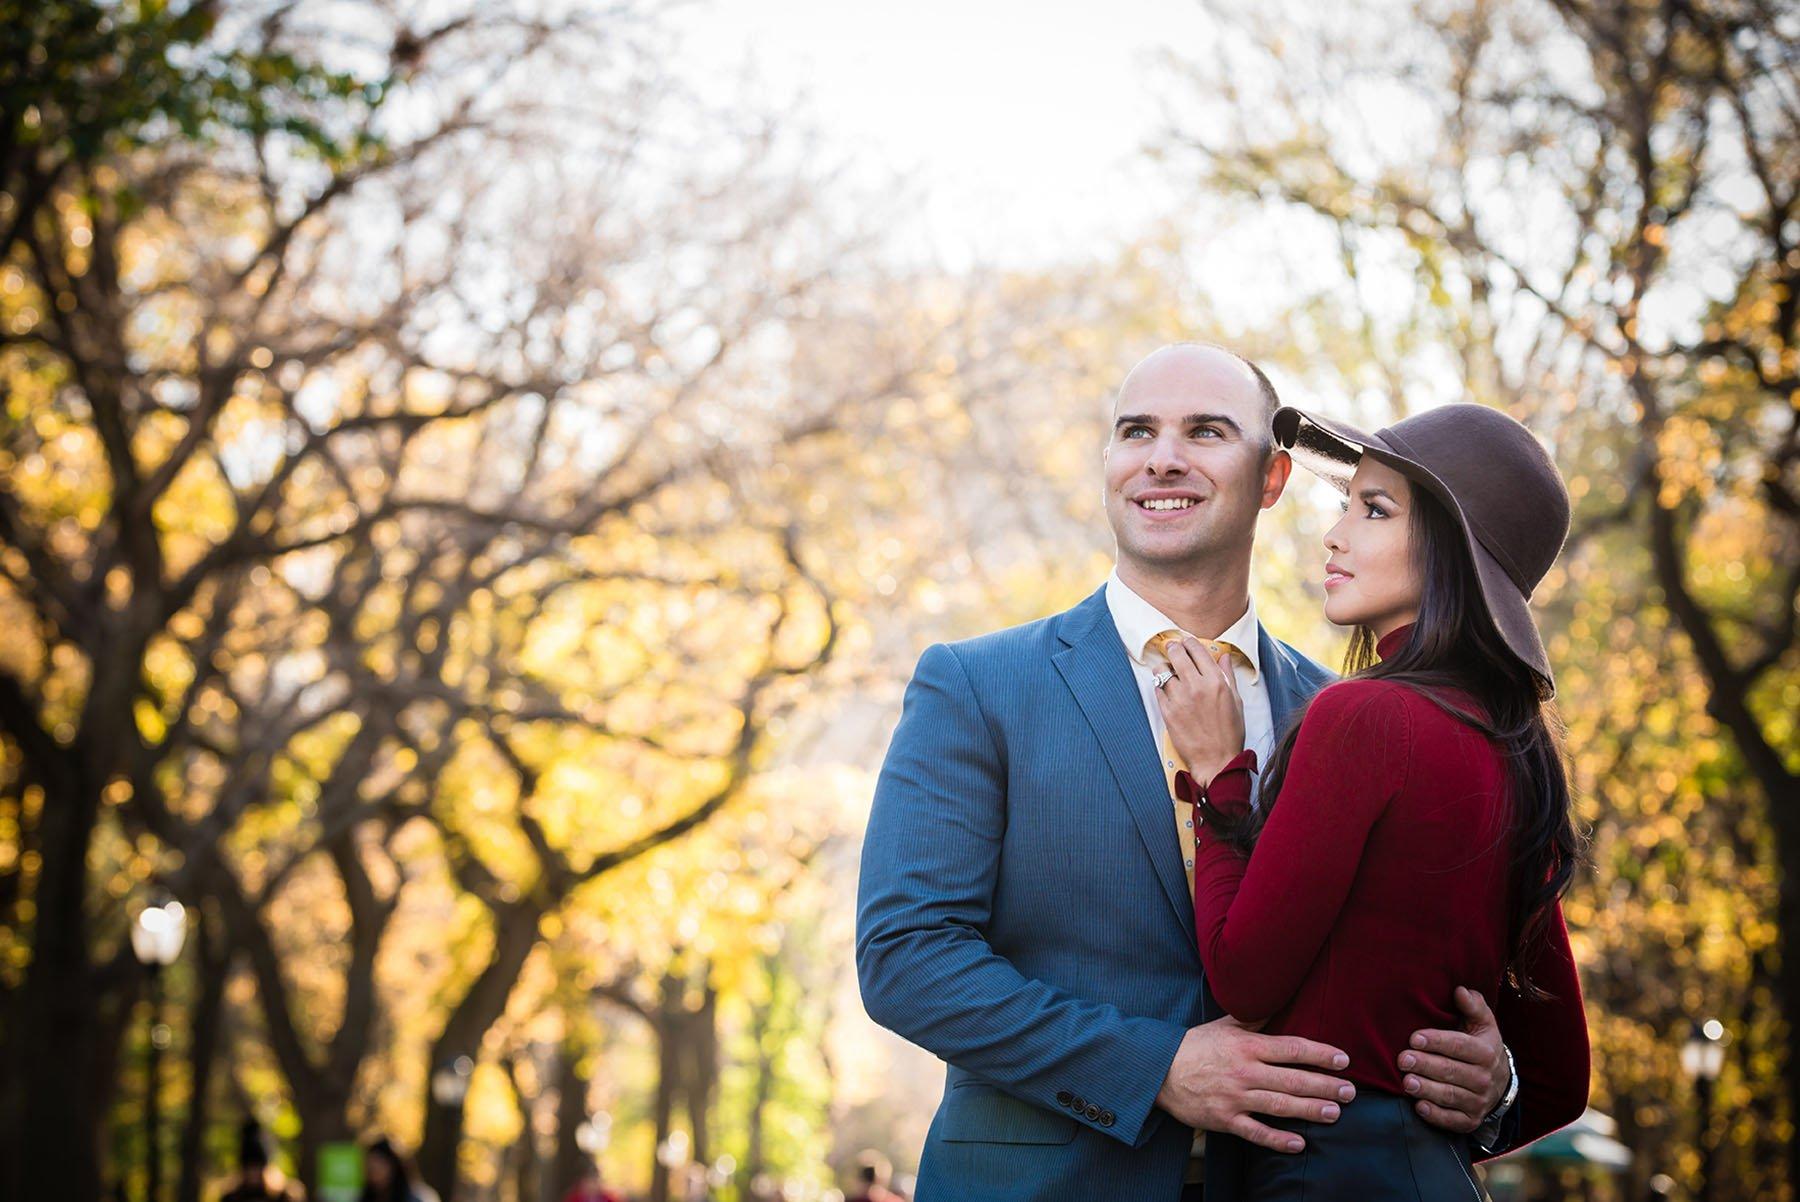 Central-Park-Engagement-Shoot Engagement